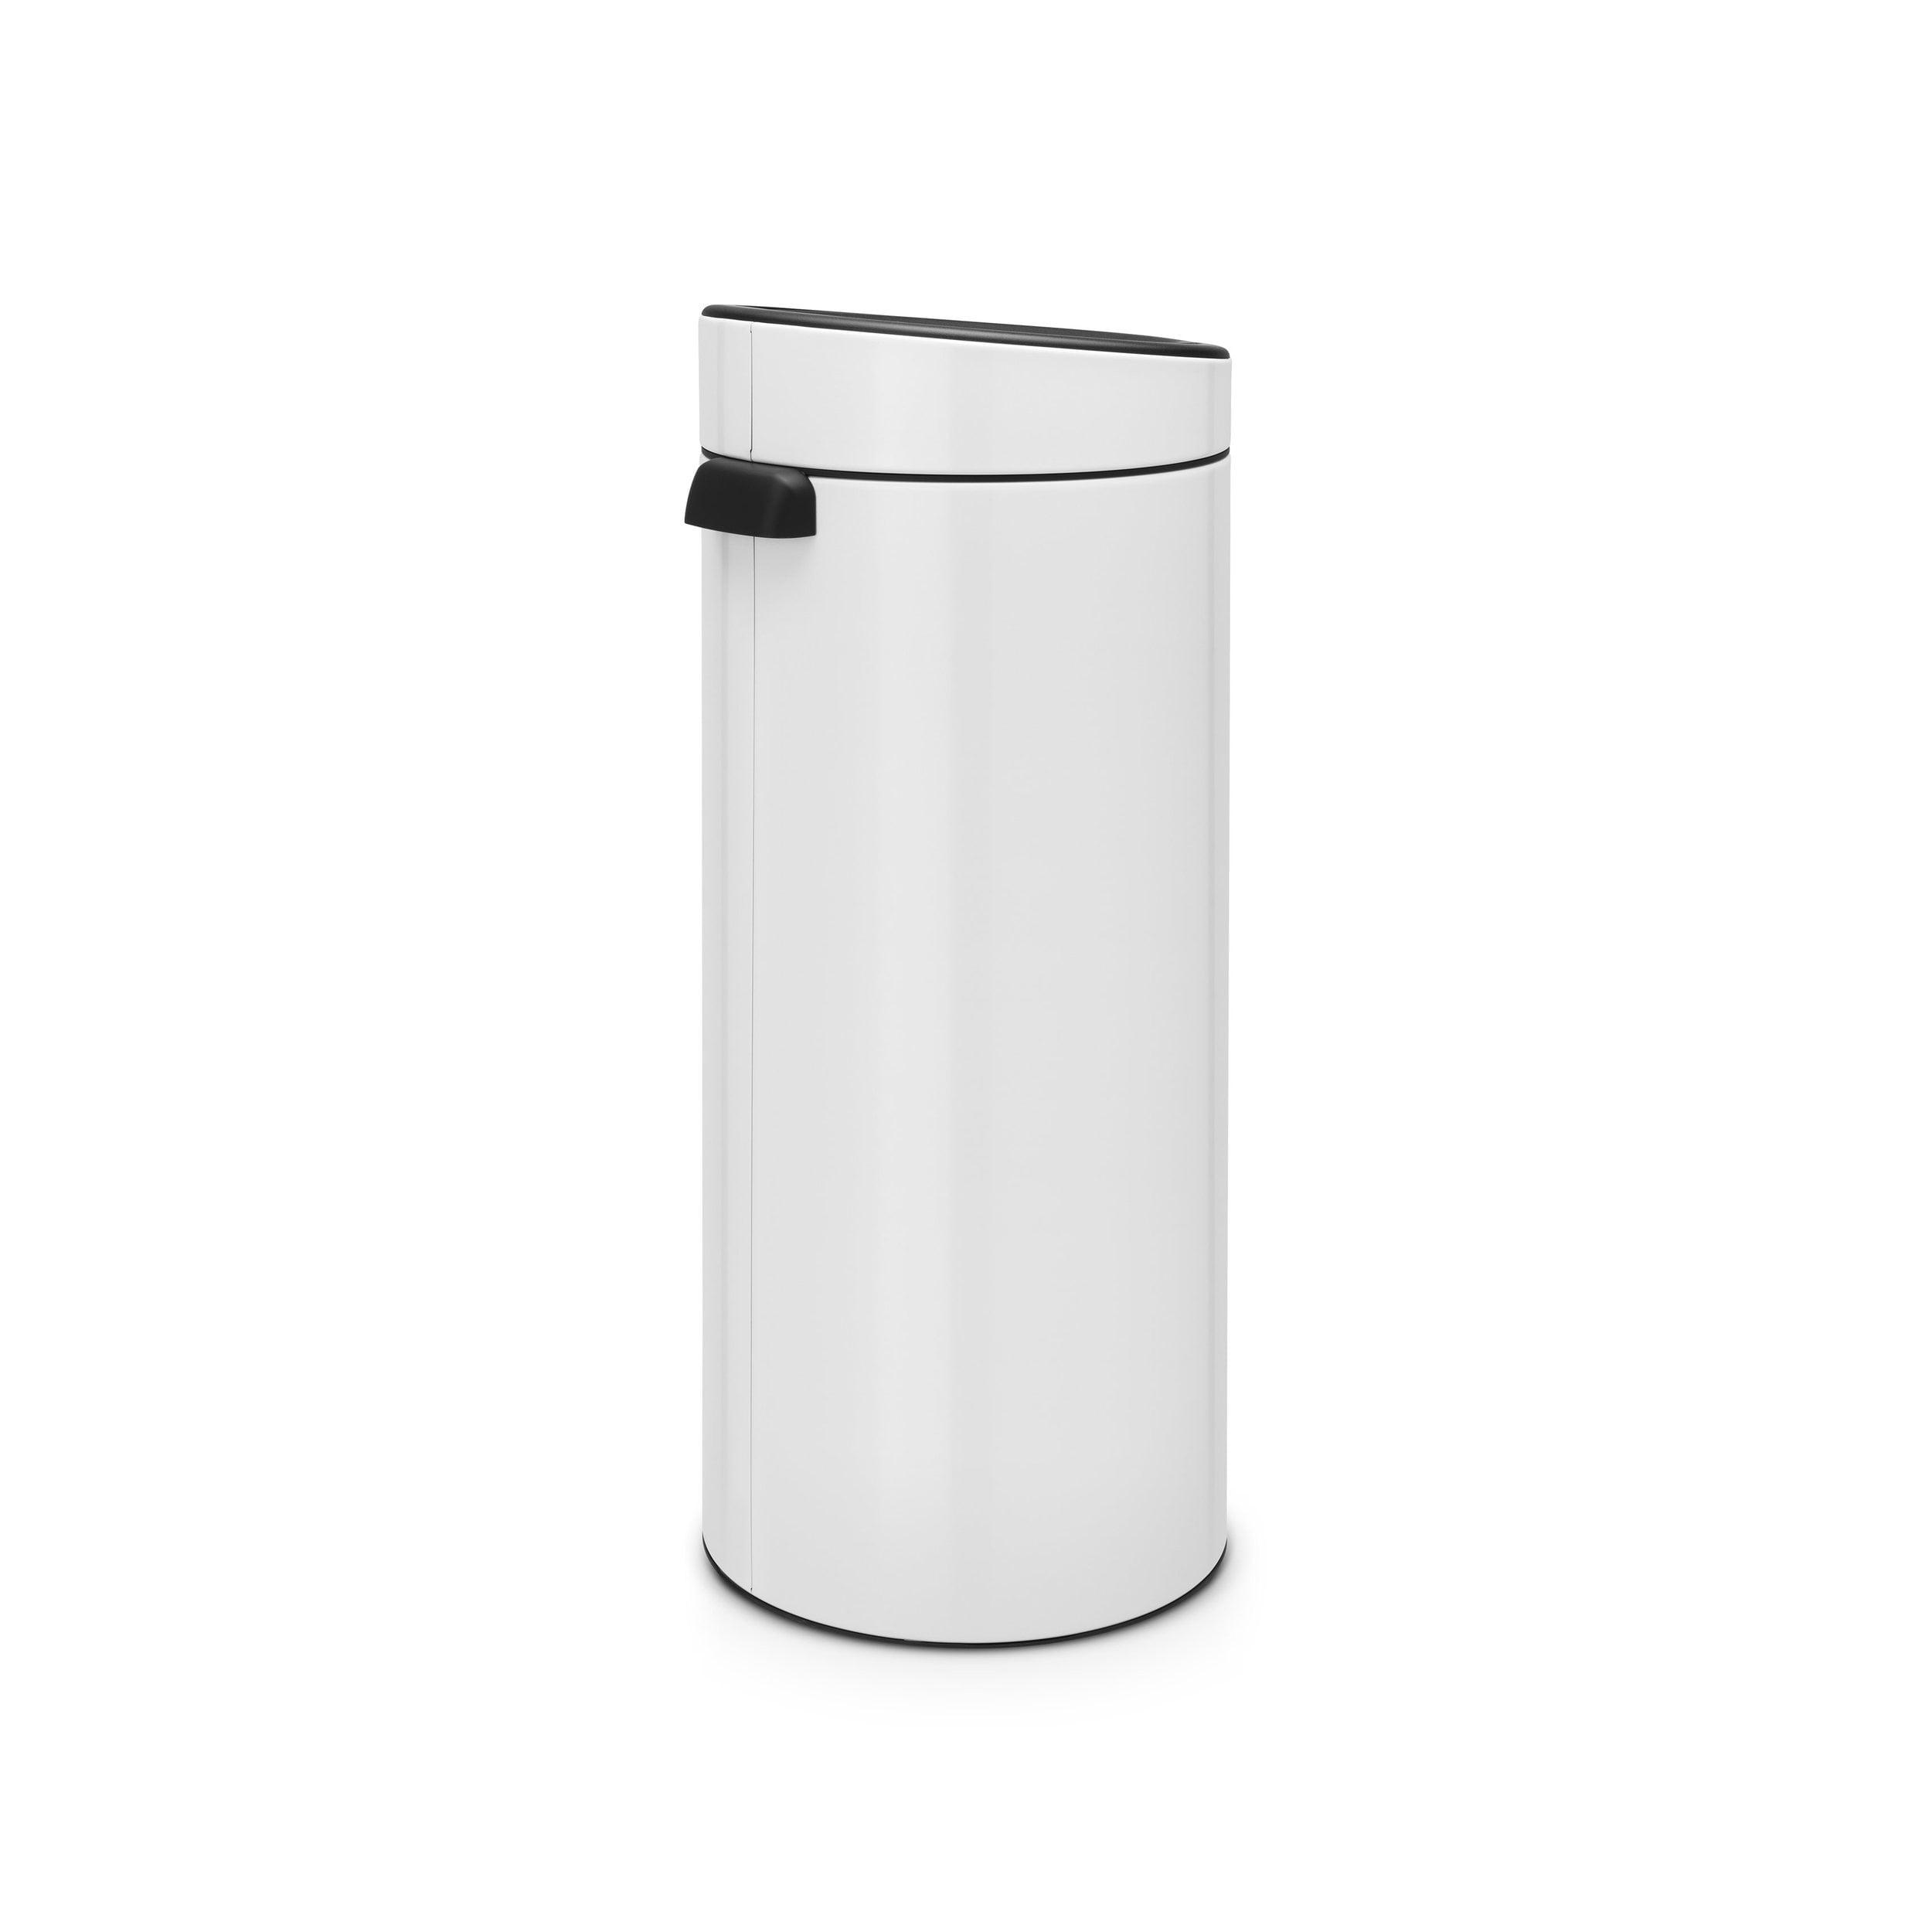 Brabantia 30 Liter Afvalemmer.Brabantia Touch Bin New Afvalemmer 30 Liter White Coppens Warenhuis